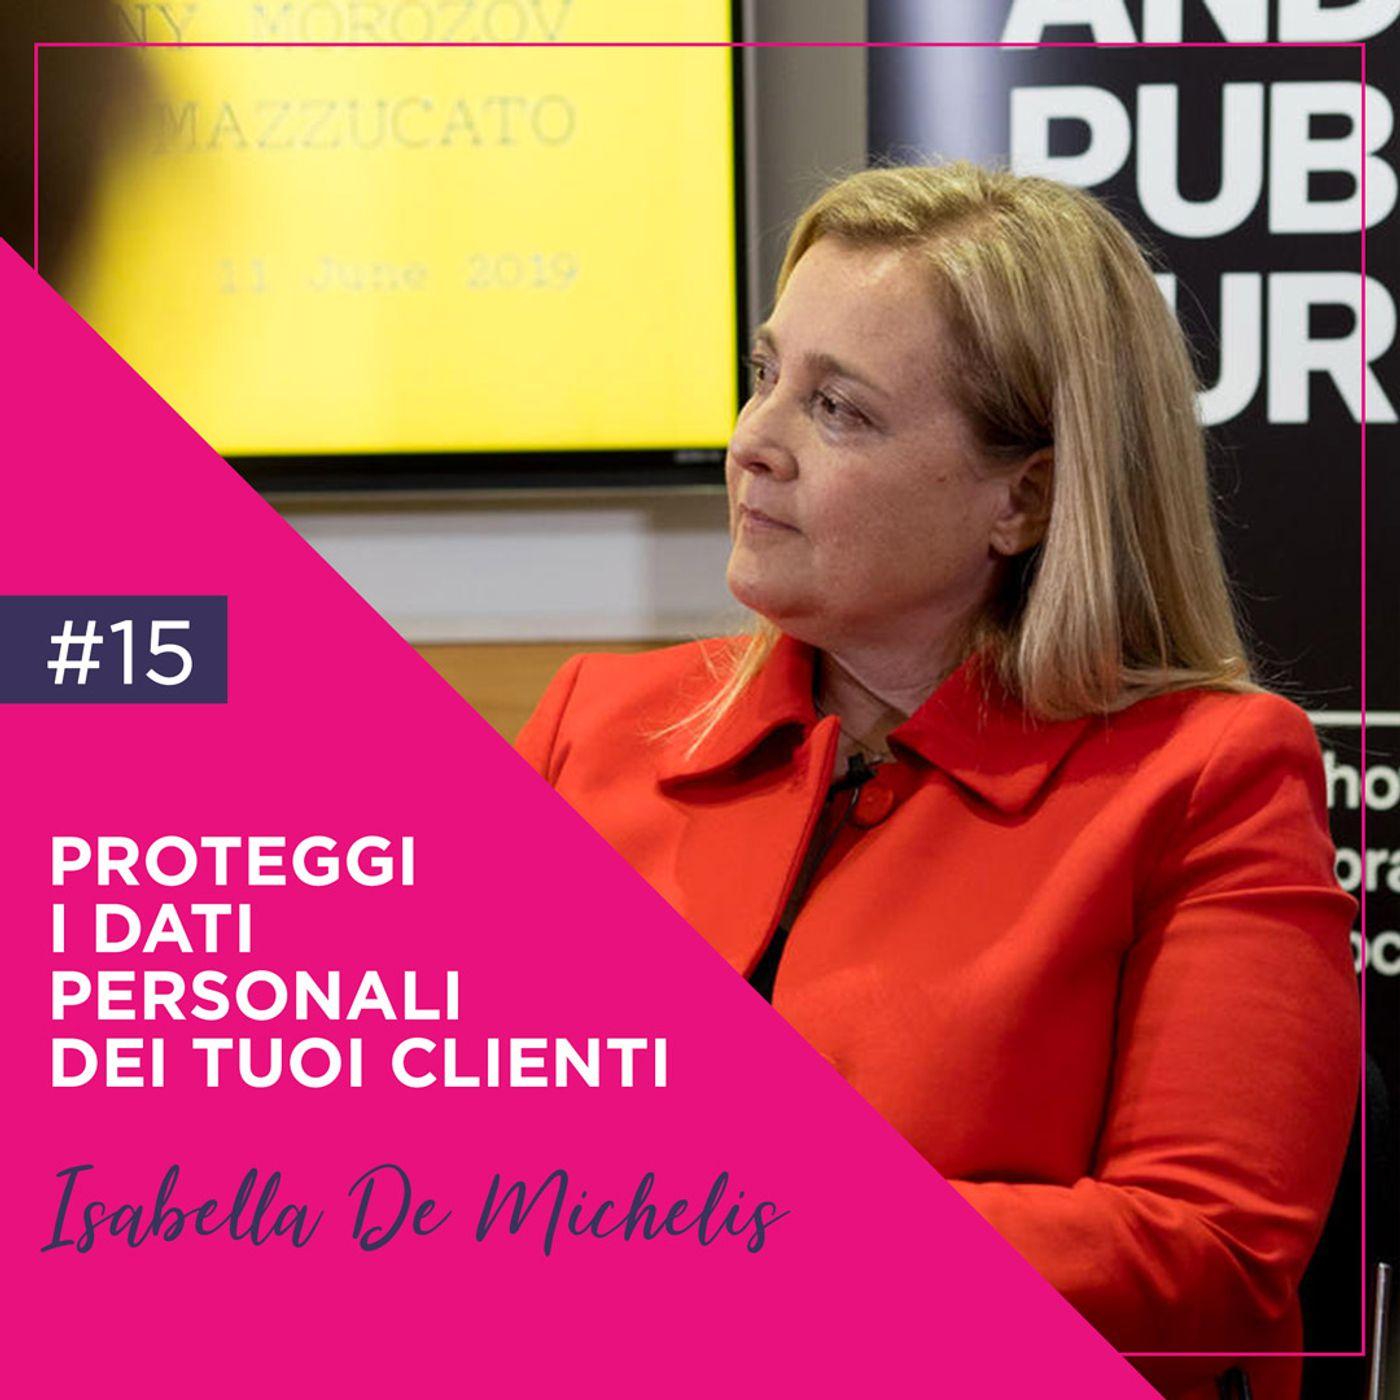 Come Proteggere i Dati Personali dei tuoi Clienti, con Isabella De Michelis